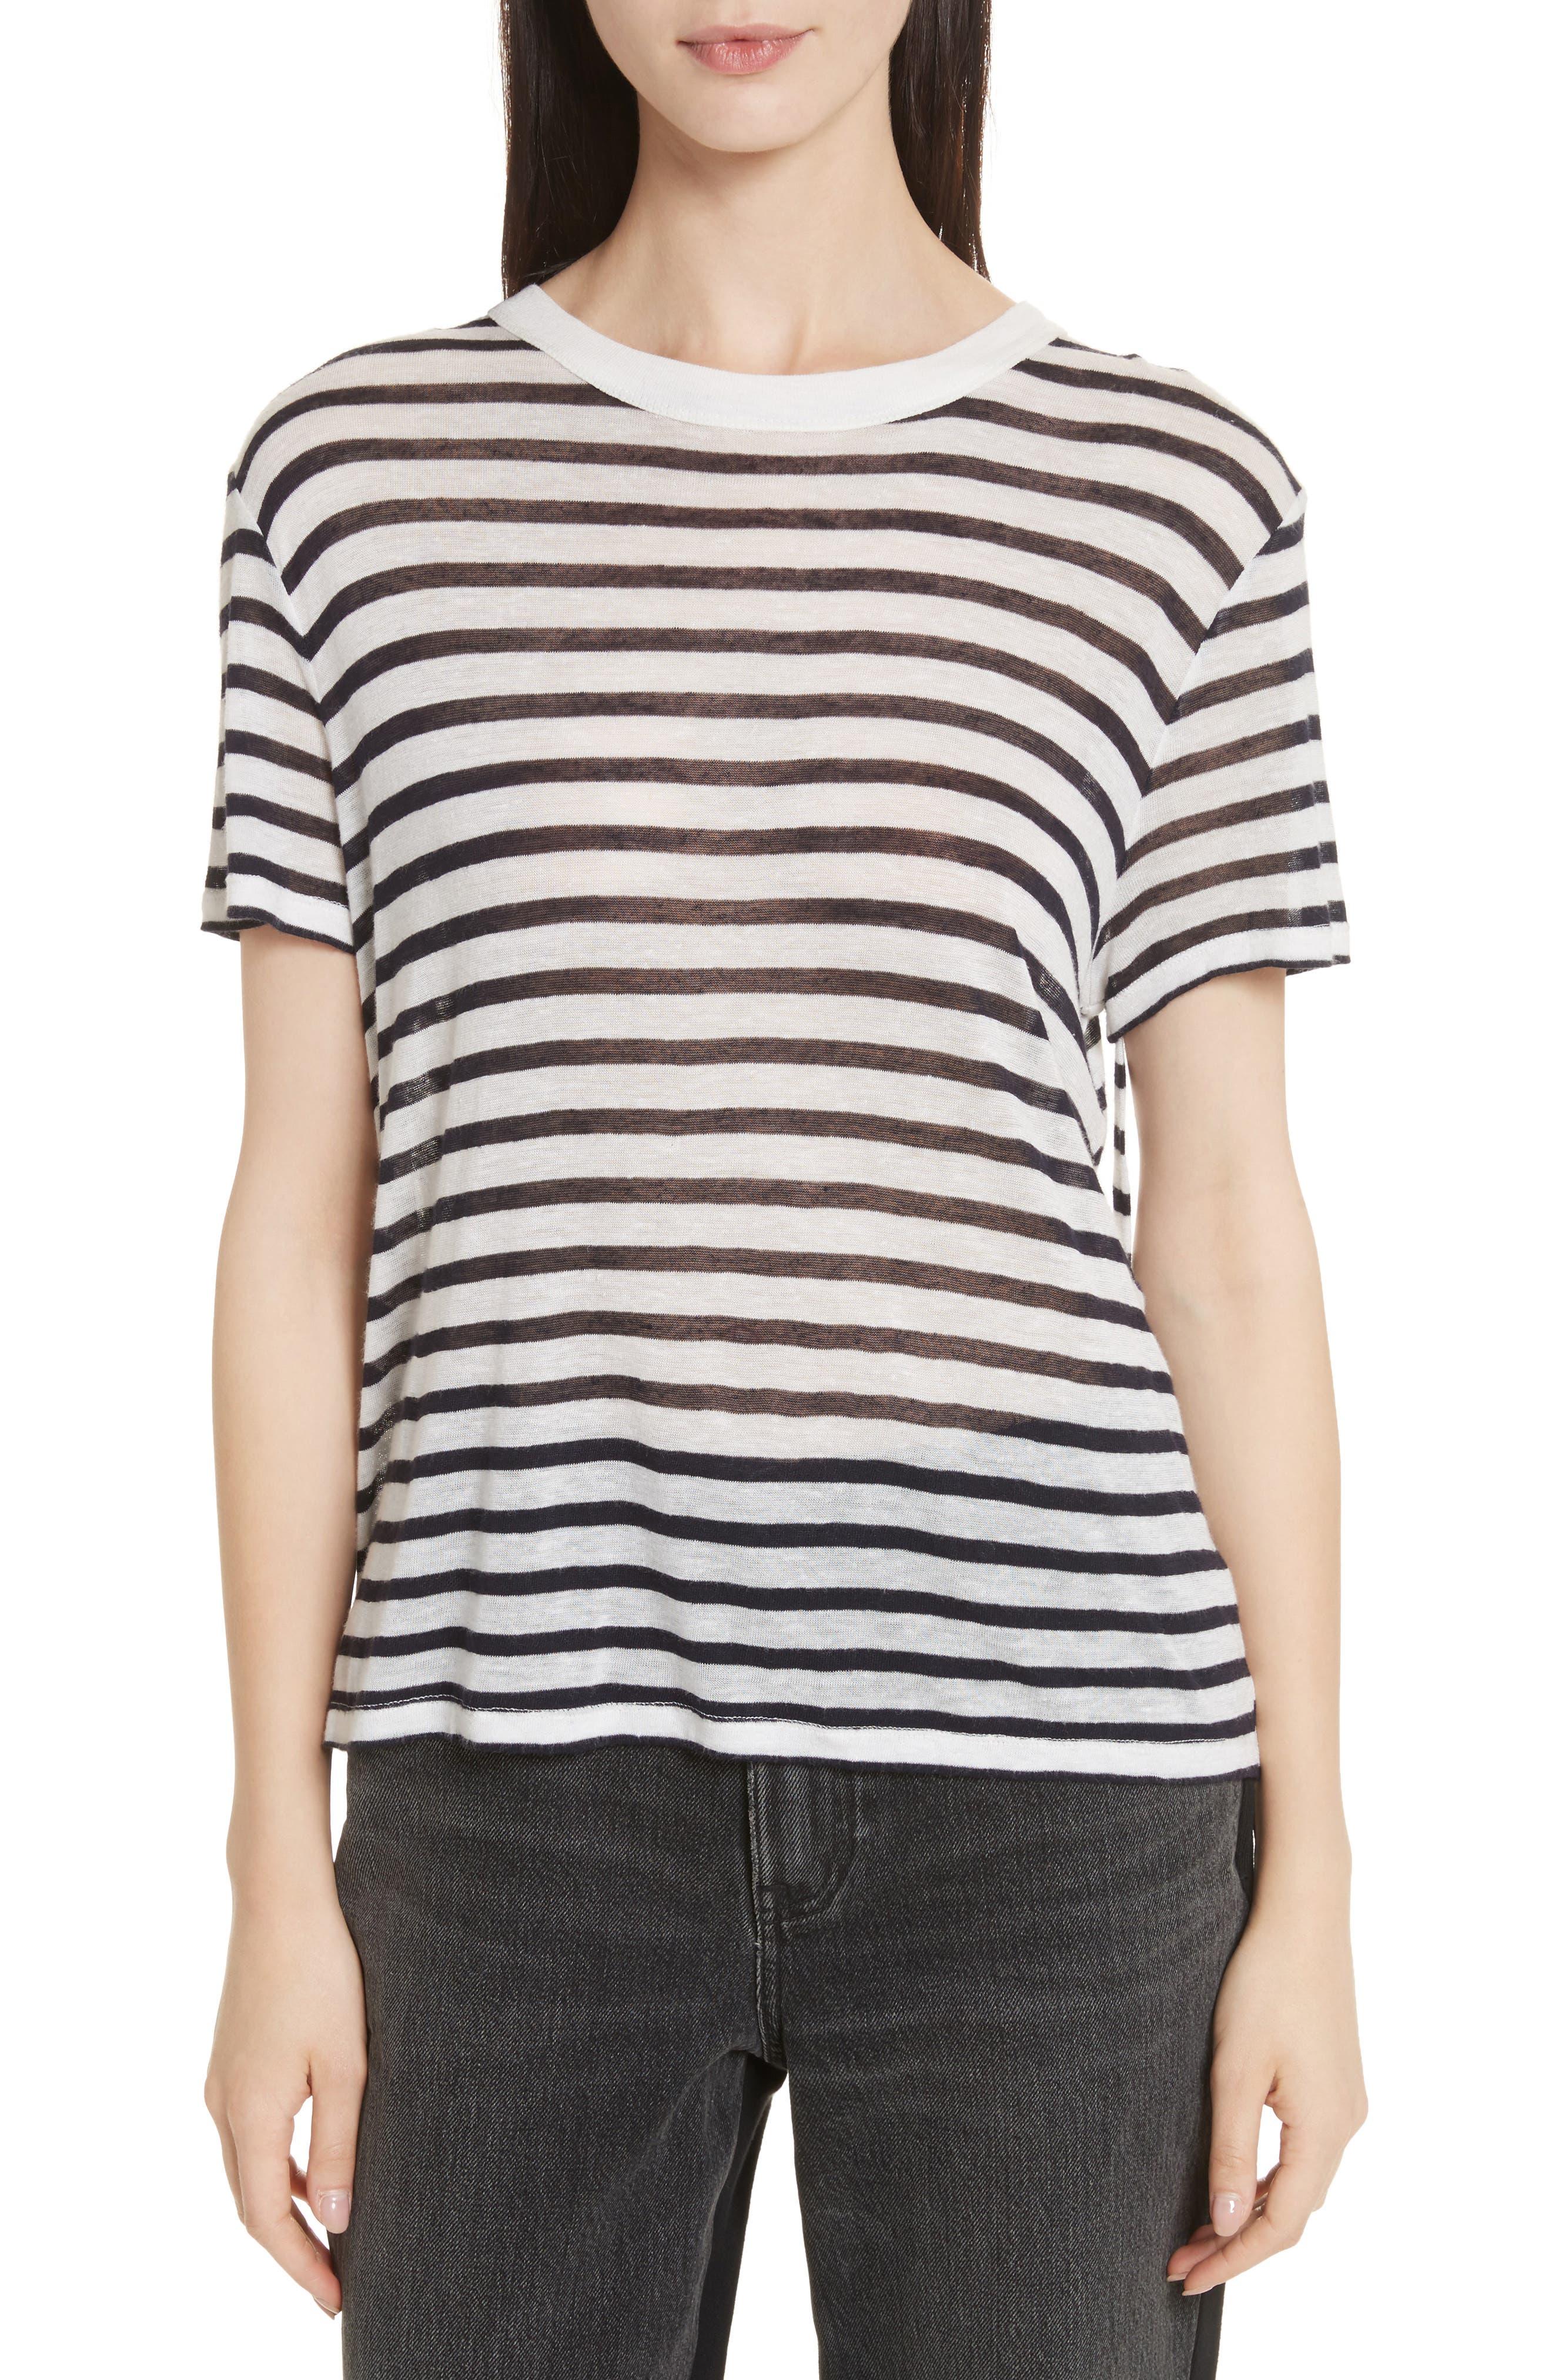 Alternate Image 1 Selected - T by Alexander Wang Back Tie Stripe Slub Jersey Tee